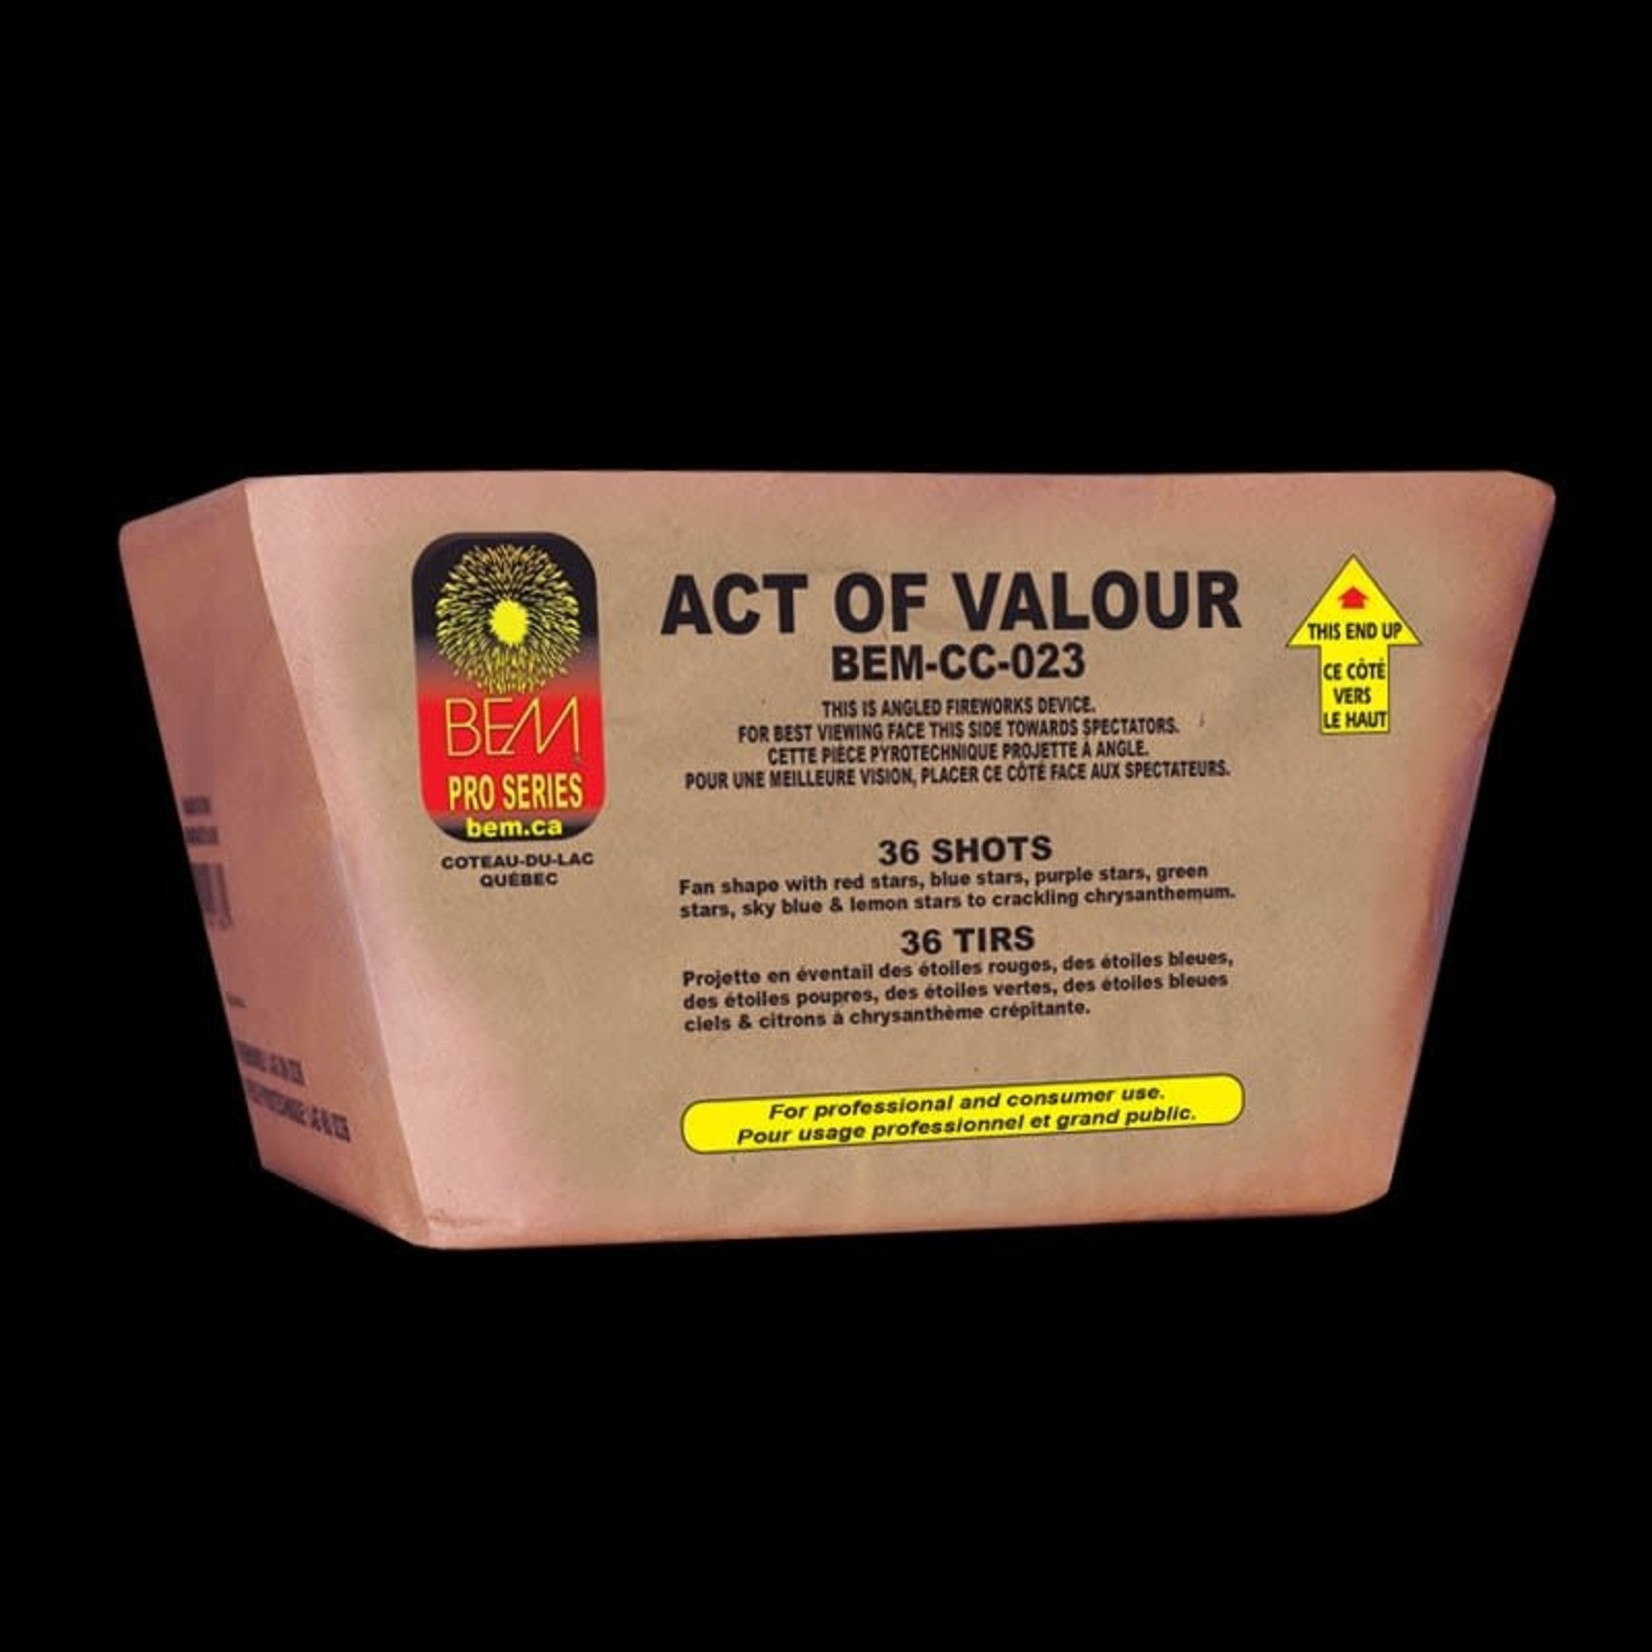 Act of Valour - BEM